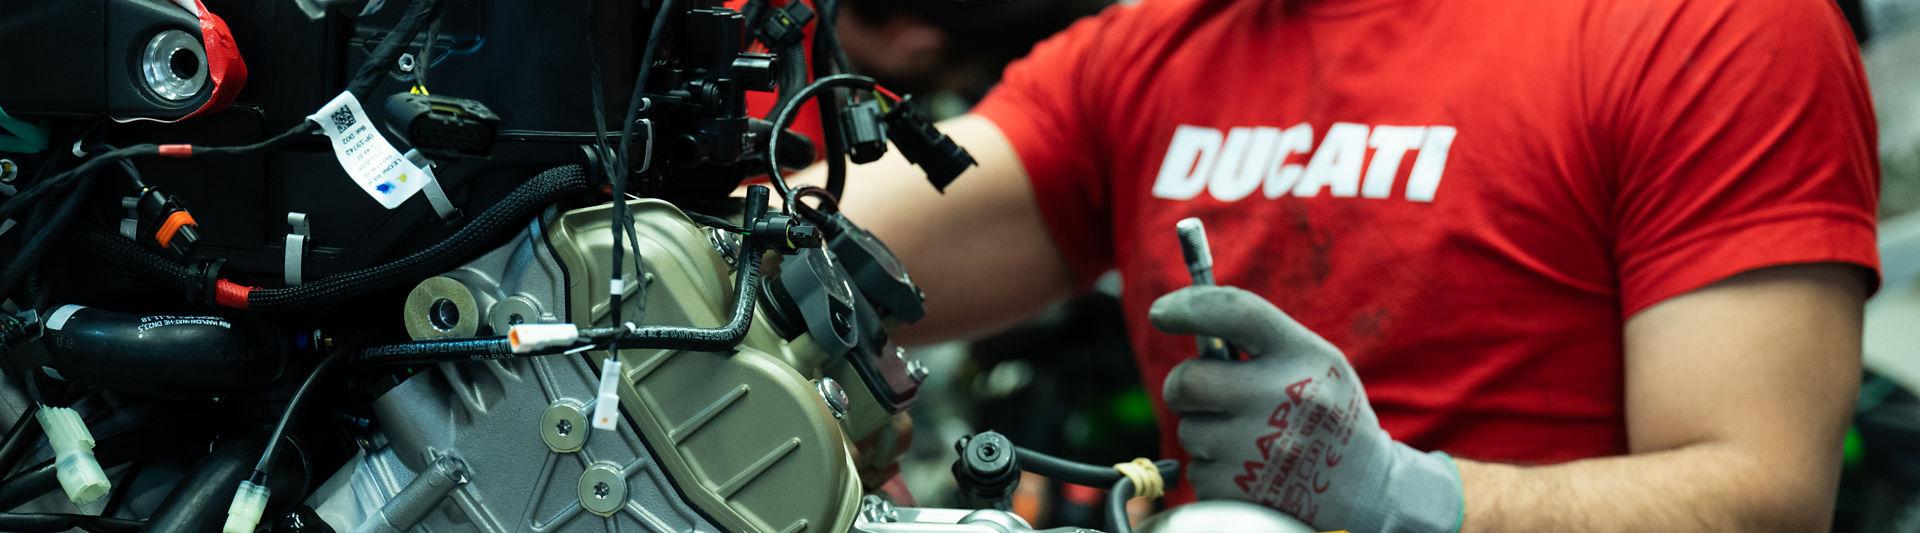 Ducati_Hero_Clean